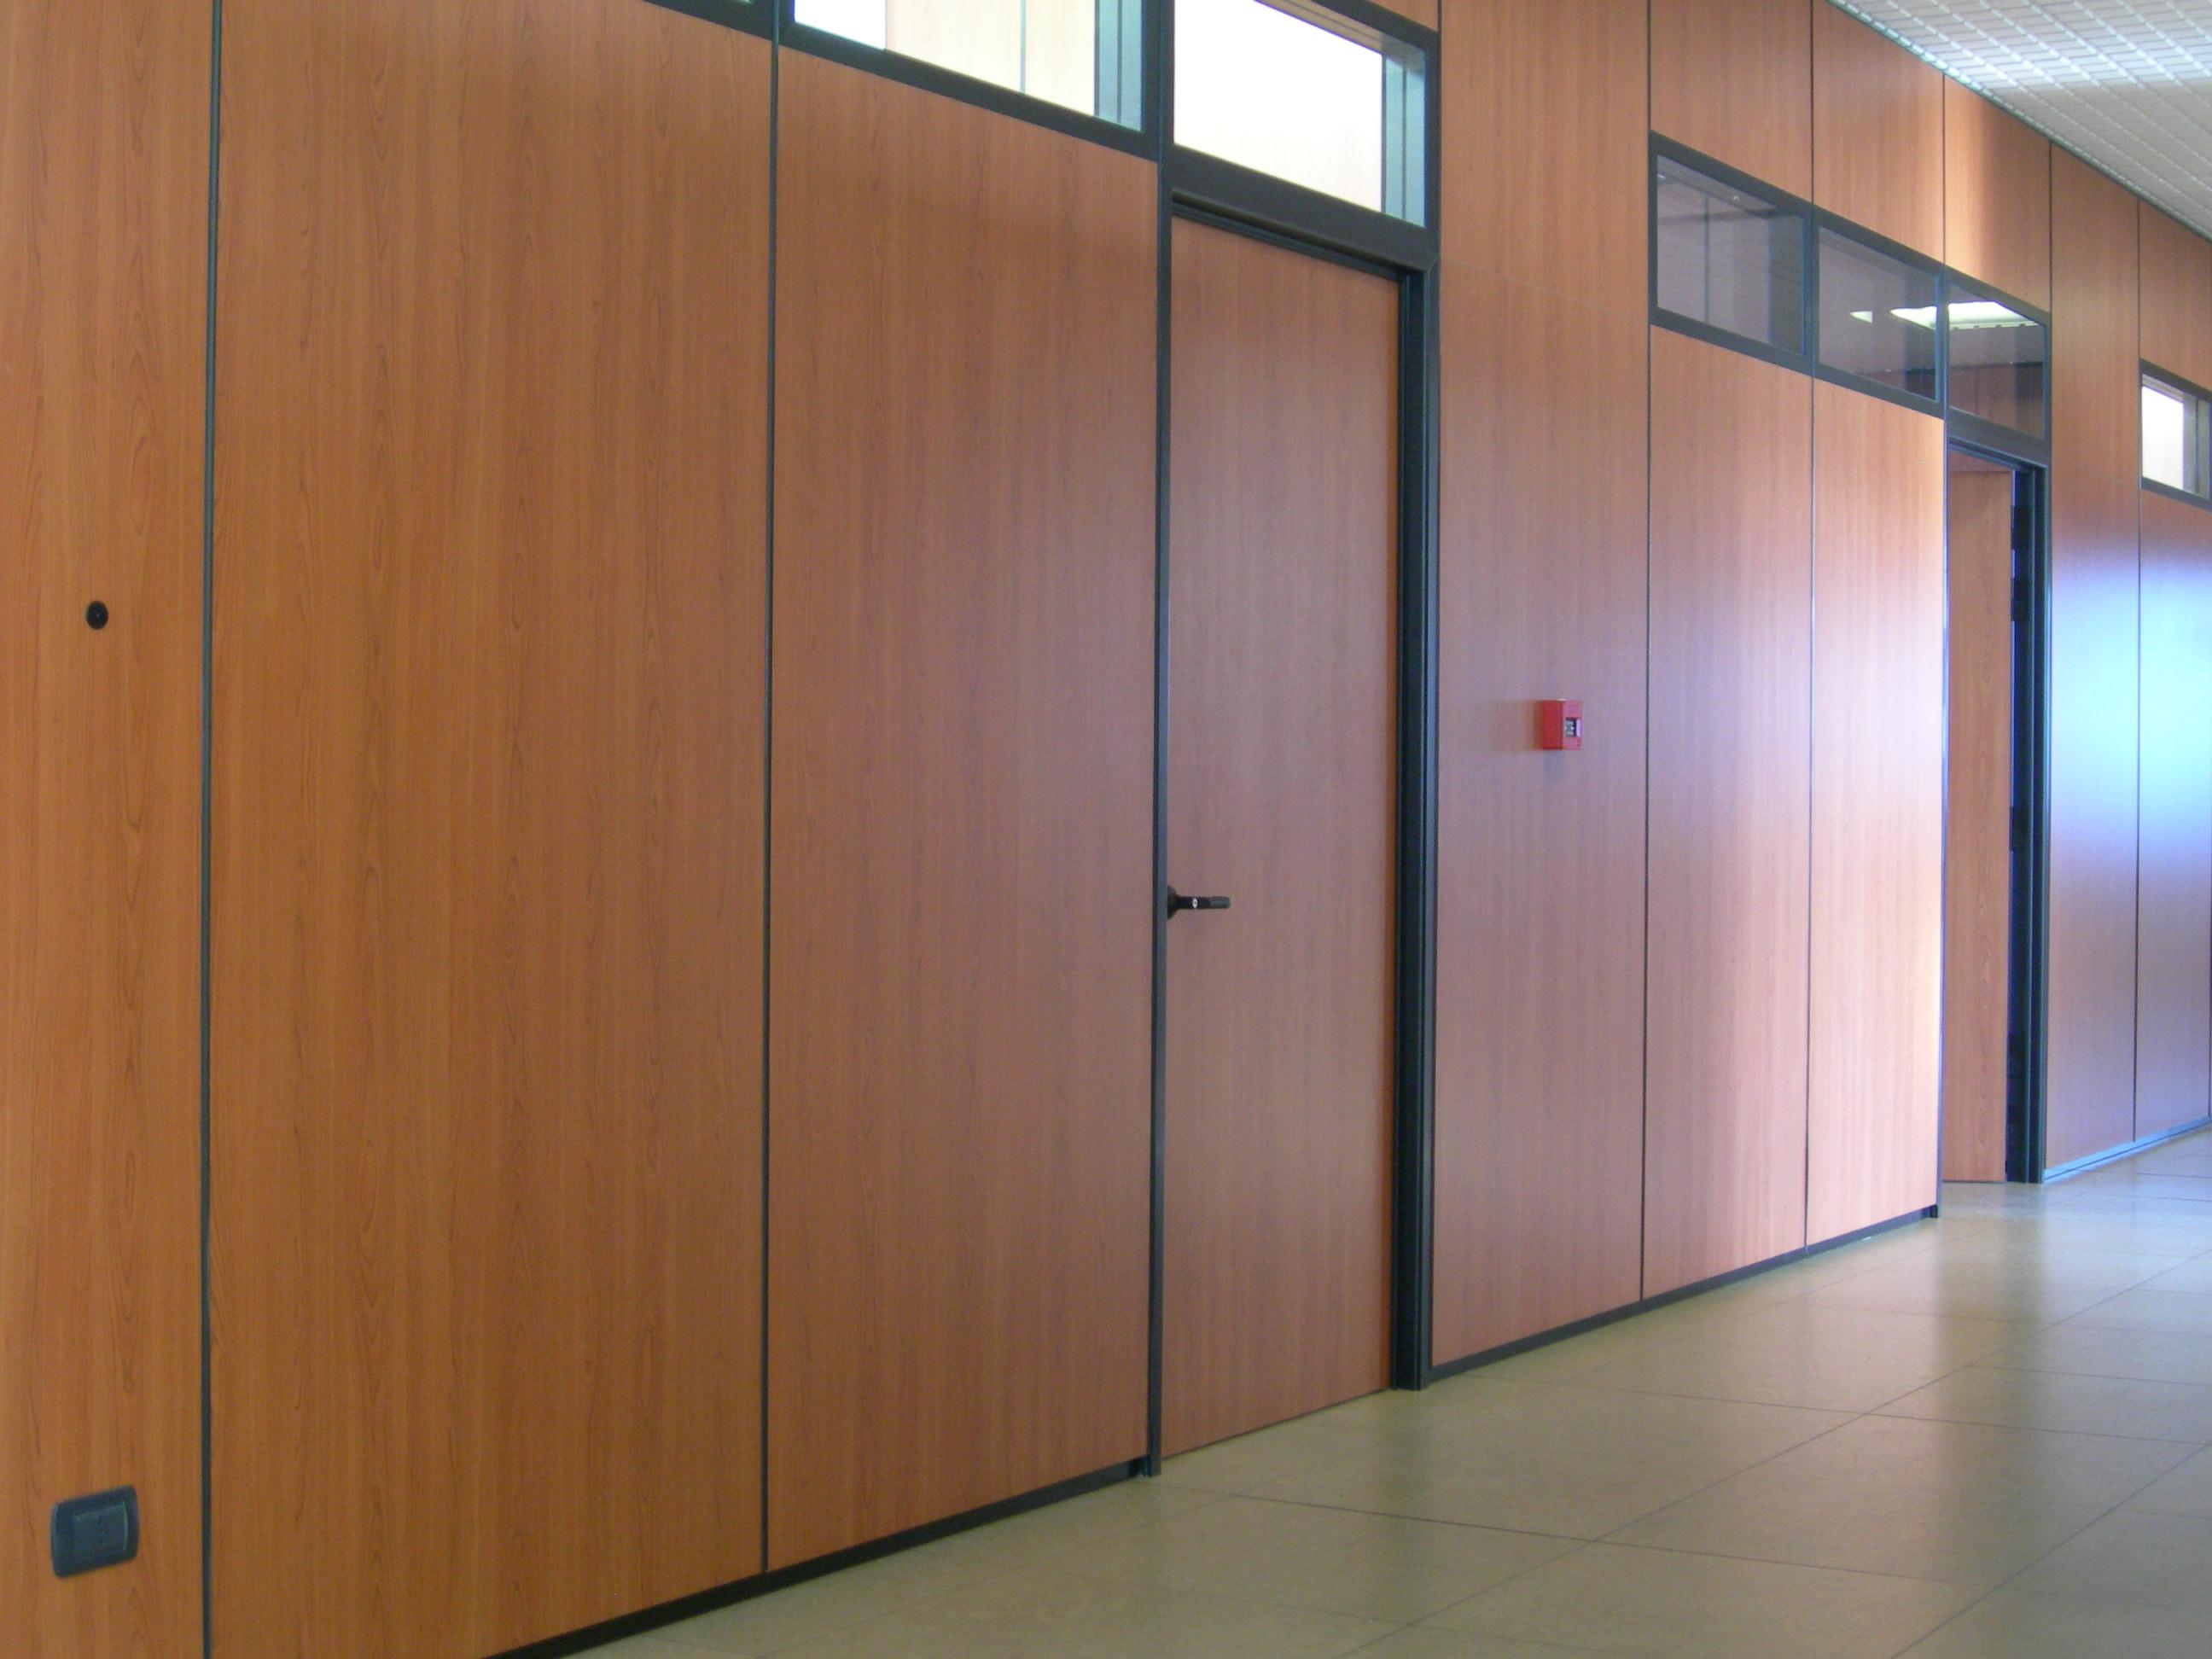 Pareti Divisorie Mobili Su Ruote : Pareti divisorie mobili a torino sotea opere in